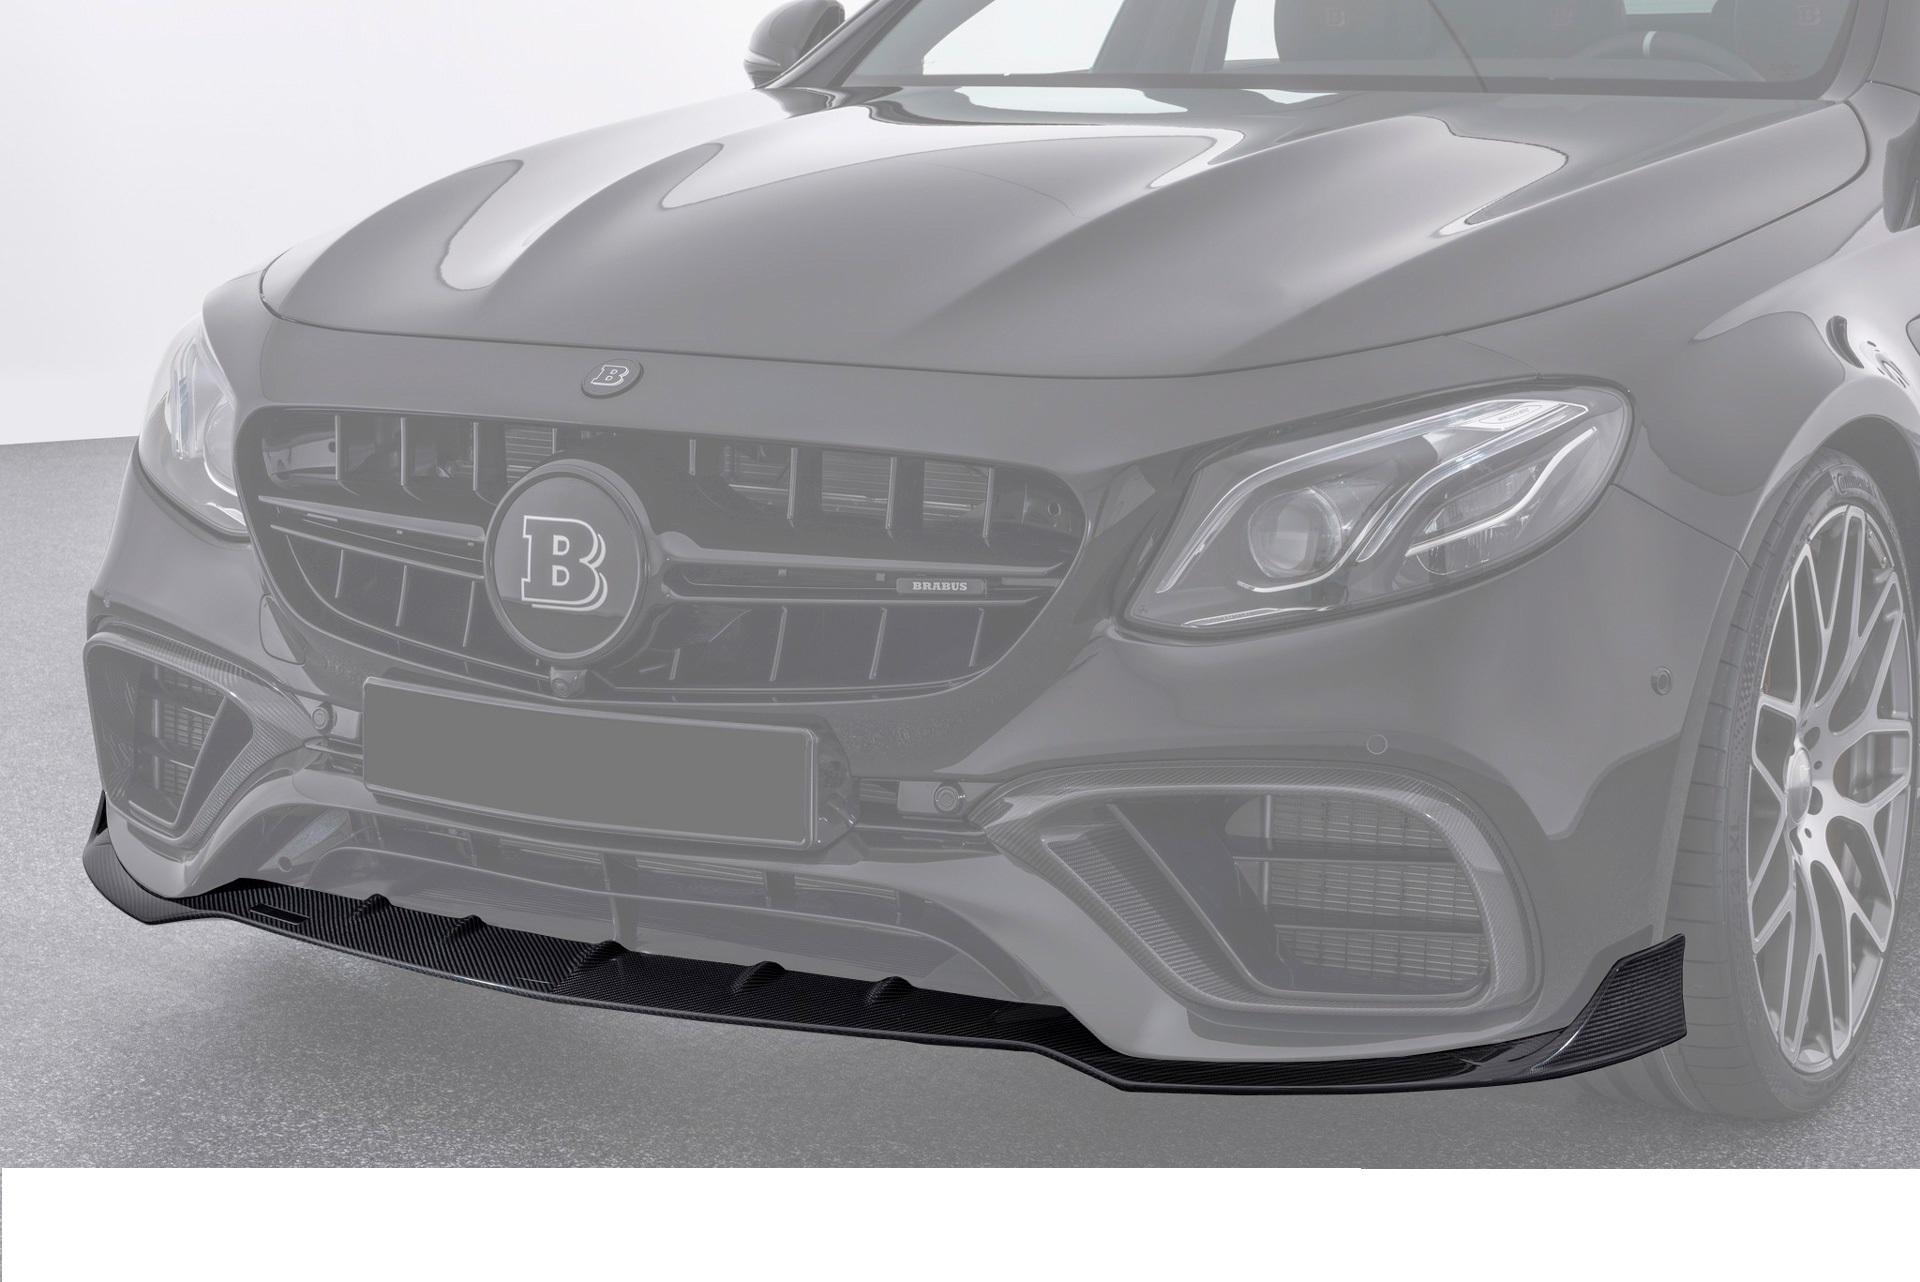 Карбоновый спойлер переднего бампера 63 AMG Brabus Style для Mercedes E-class W213